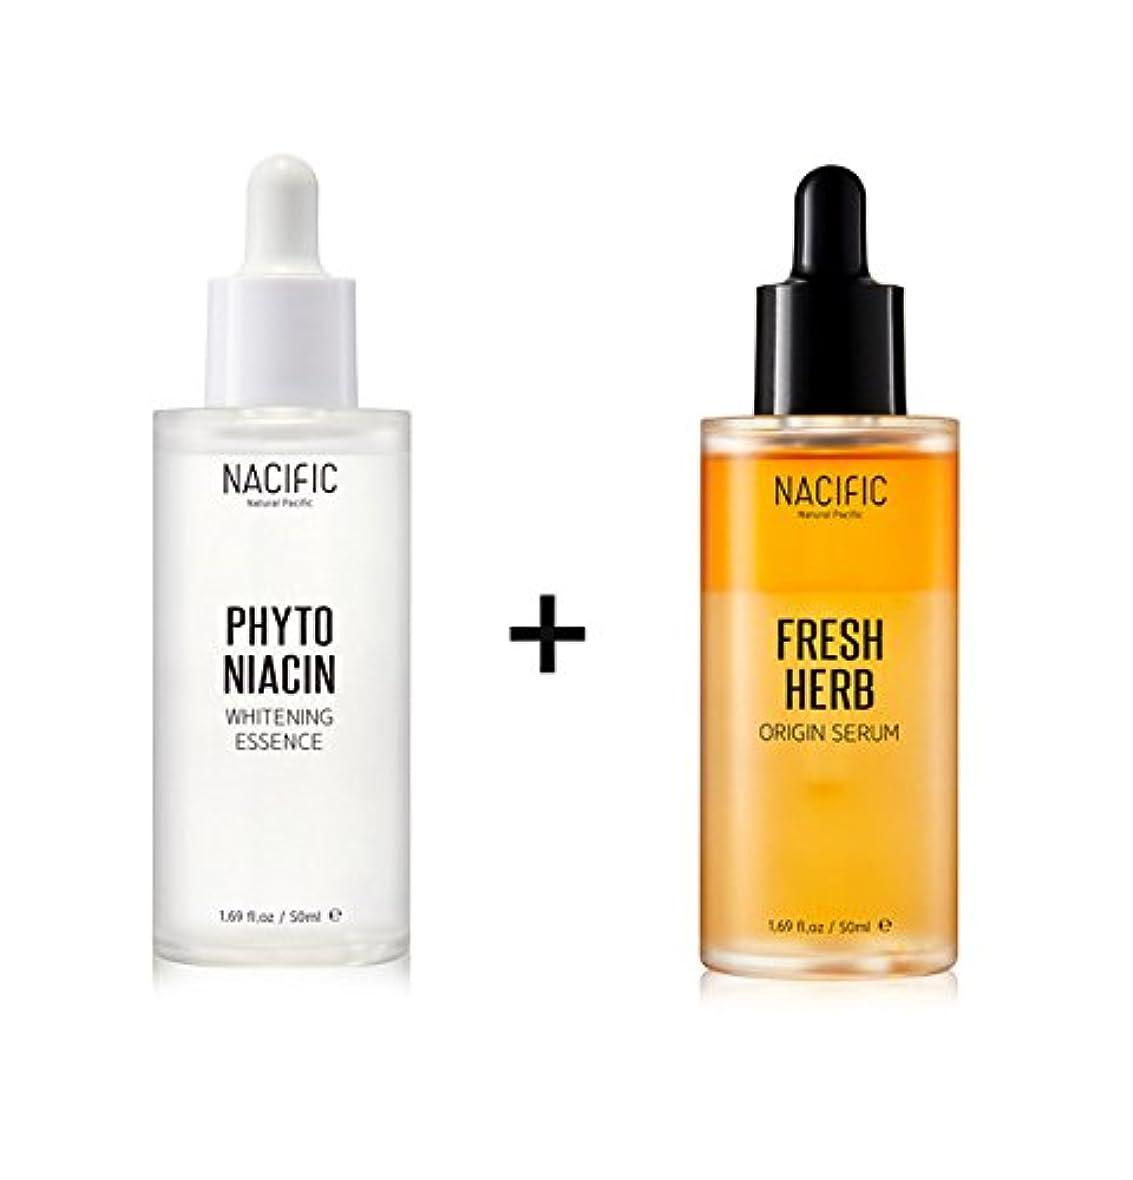 政治対話危険にさらされている[Renewal] NACIFIC Fresh Herb Origin Serum 50ml + Phyto Niacin Whitening Essence 50ml/ナシフィック フレッシュ ハーブ オリジン セラム...